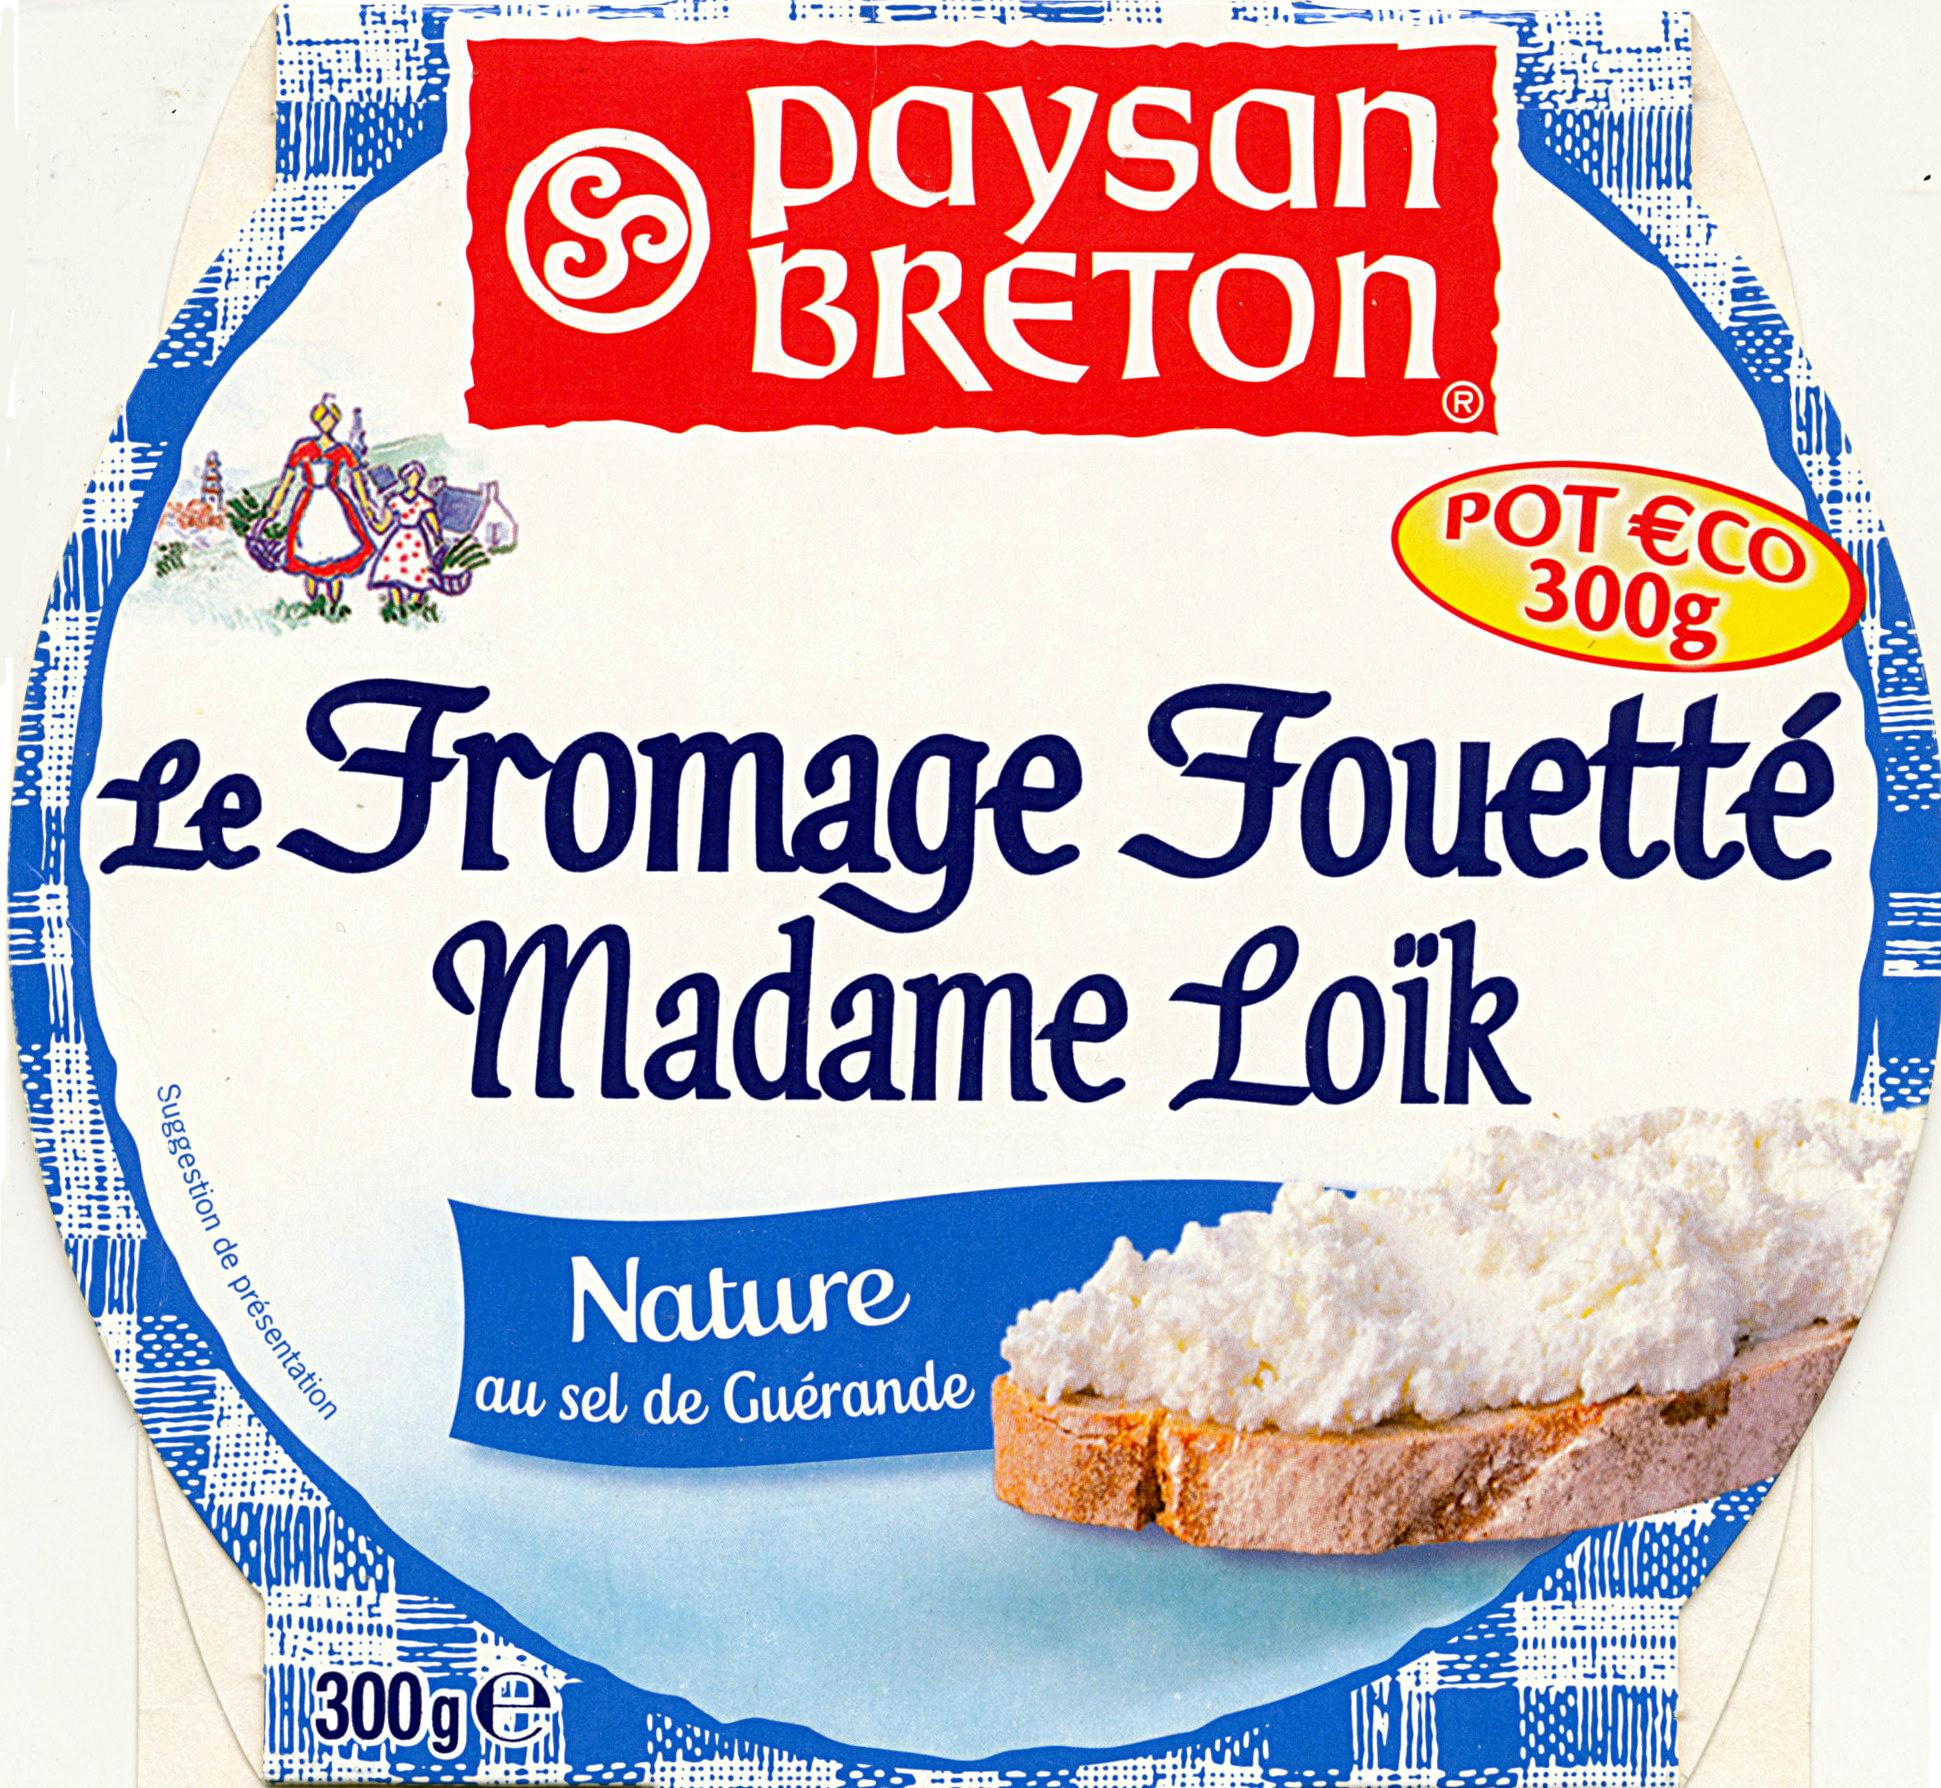 Le Fromage Fouetté Madame Loïk, Nature au sel de Guérande (25 % MG) Pot €co - Produit - fr